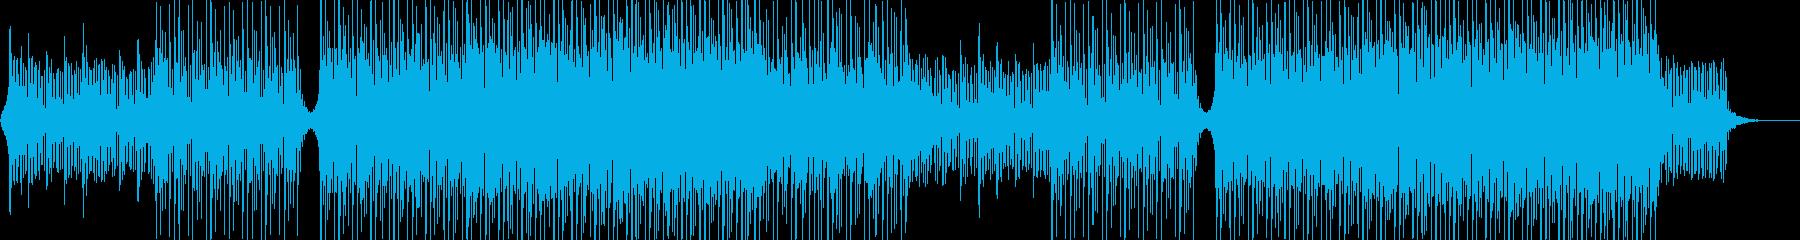 前向きで爽やかなBGMの再生済みの波形